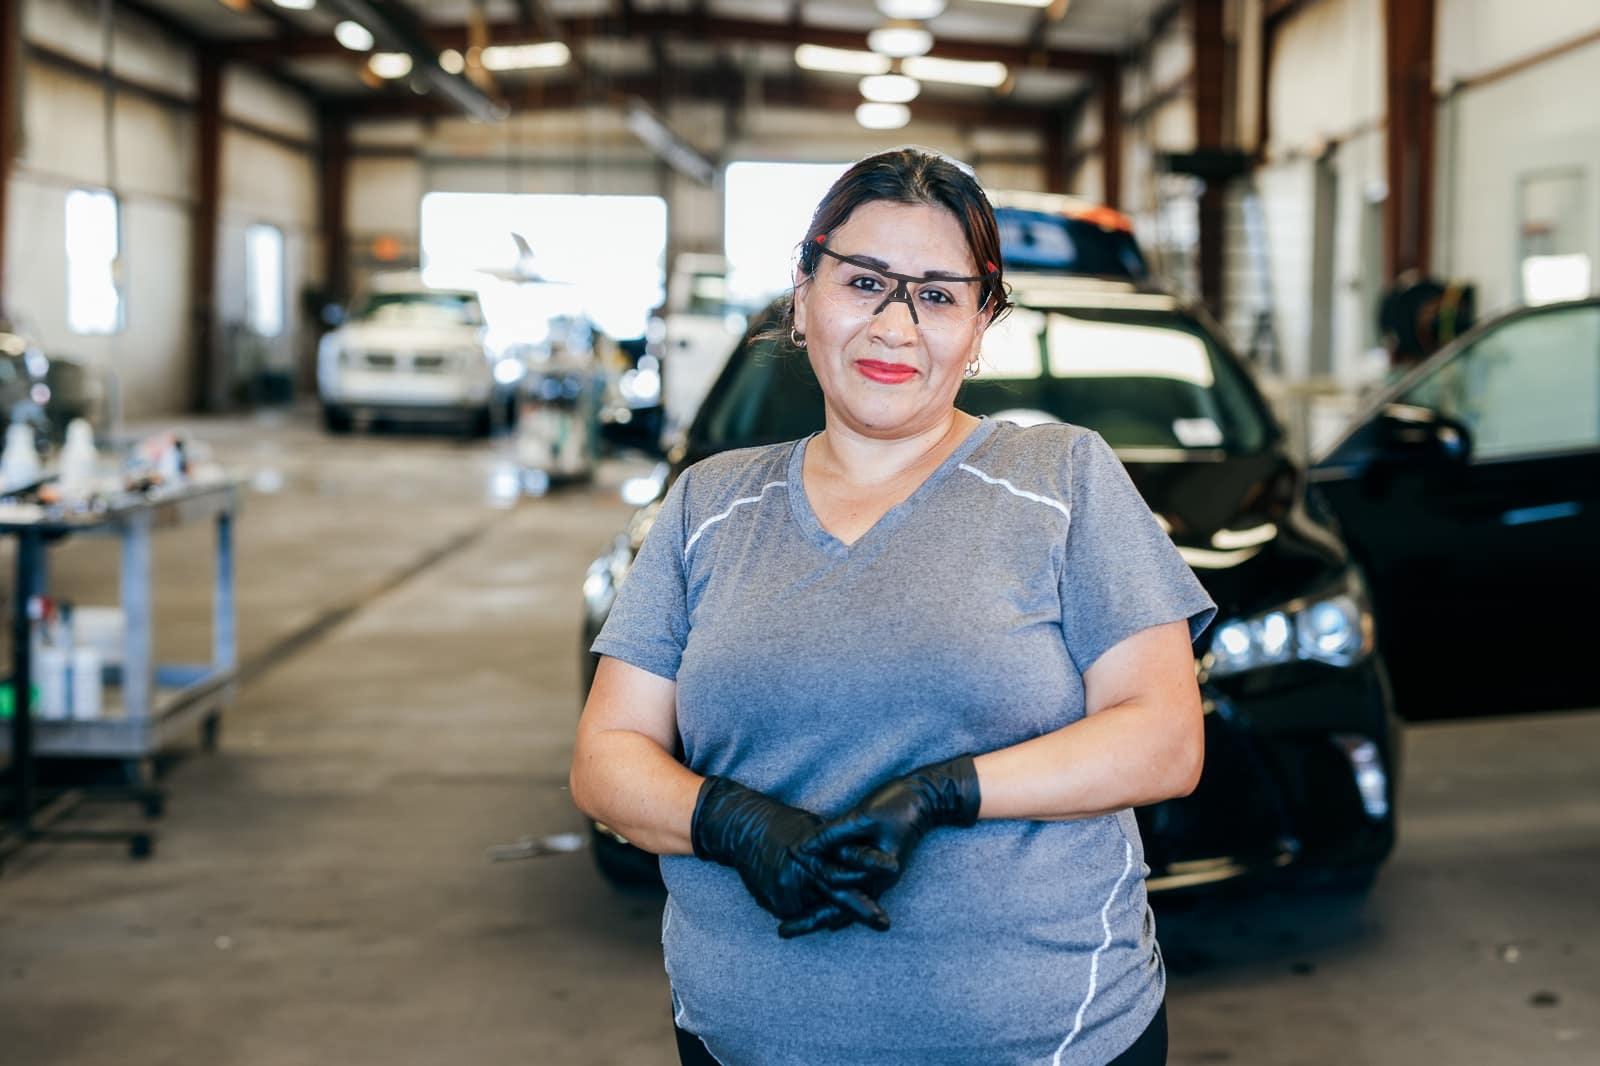 Happy Cars employee